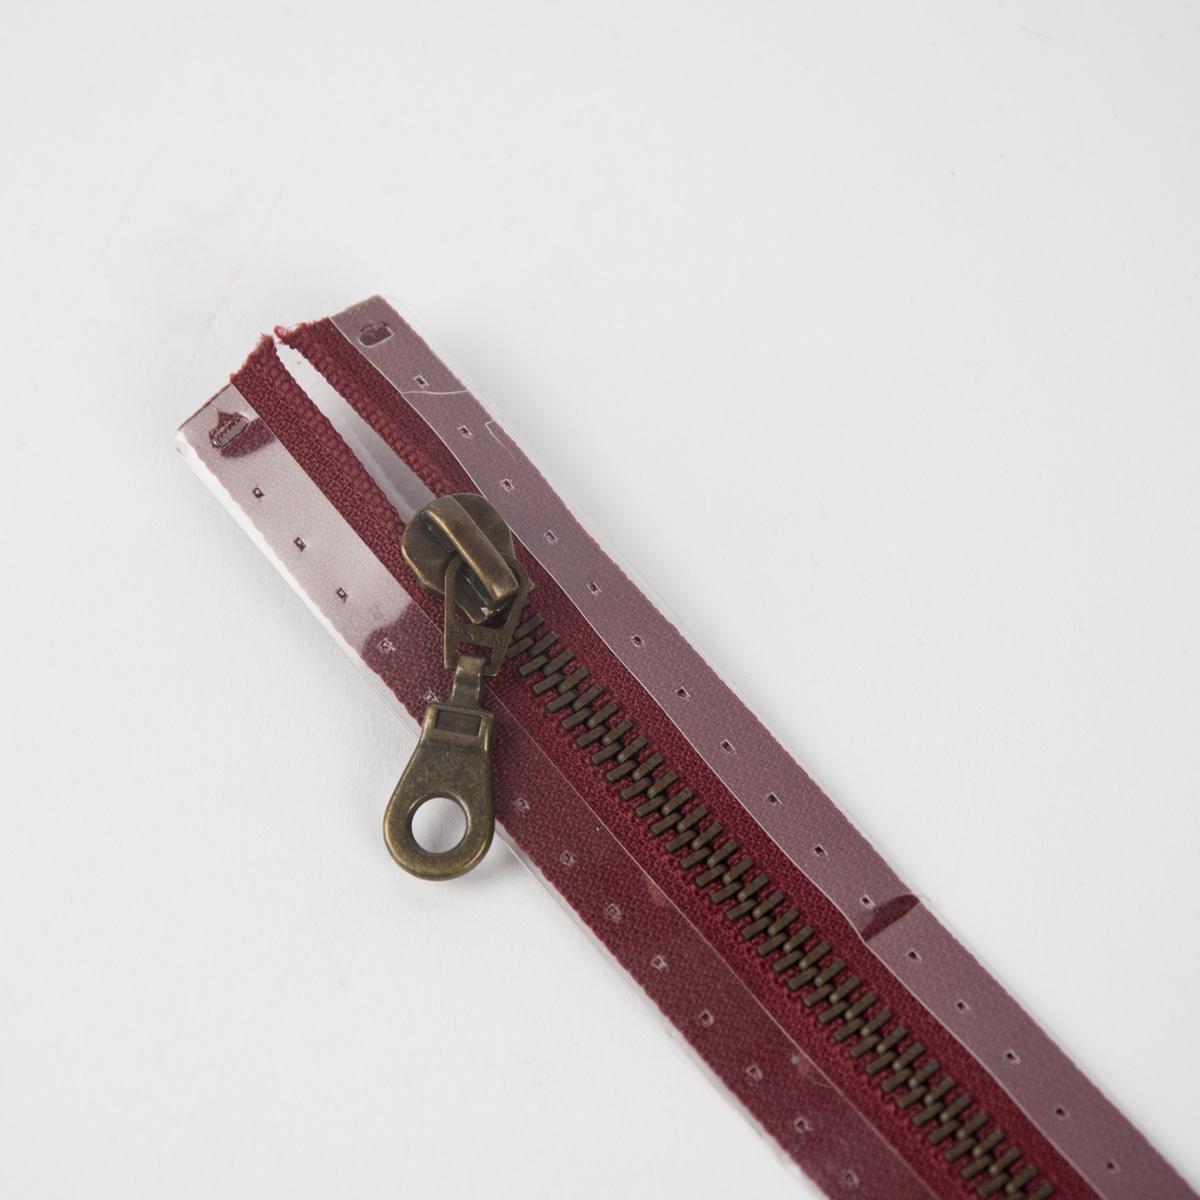 Reißverschluss M5 Typ 10 tb 65 cm am-fb Fla burgund